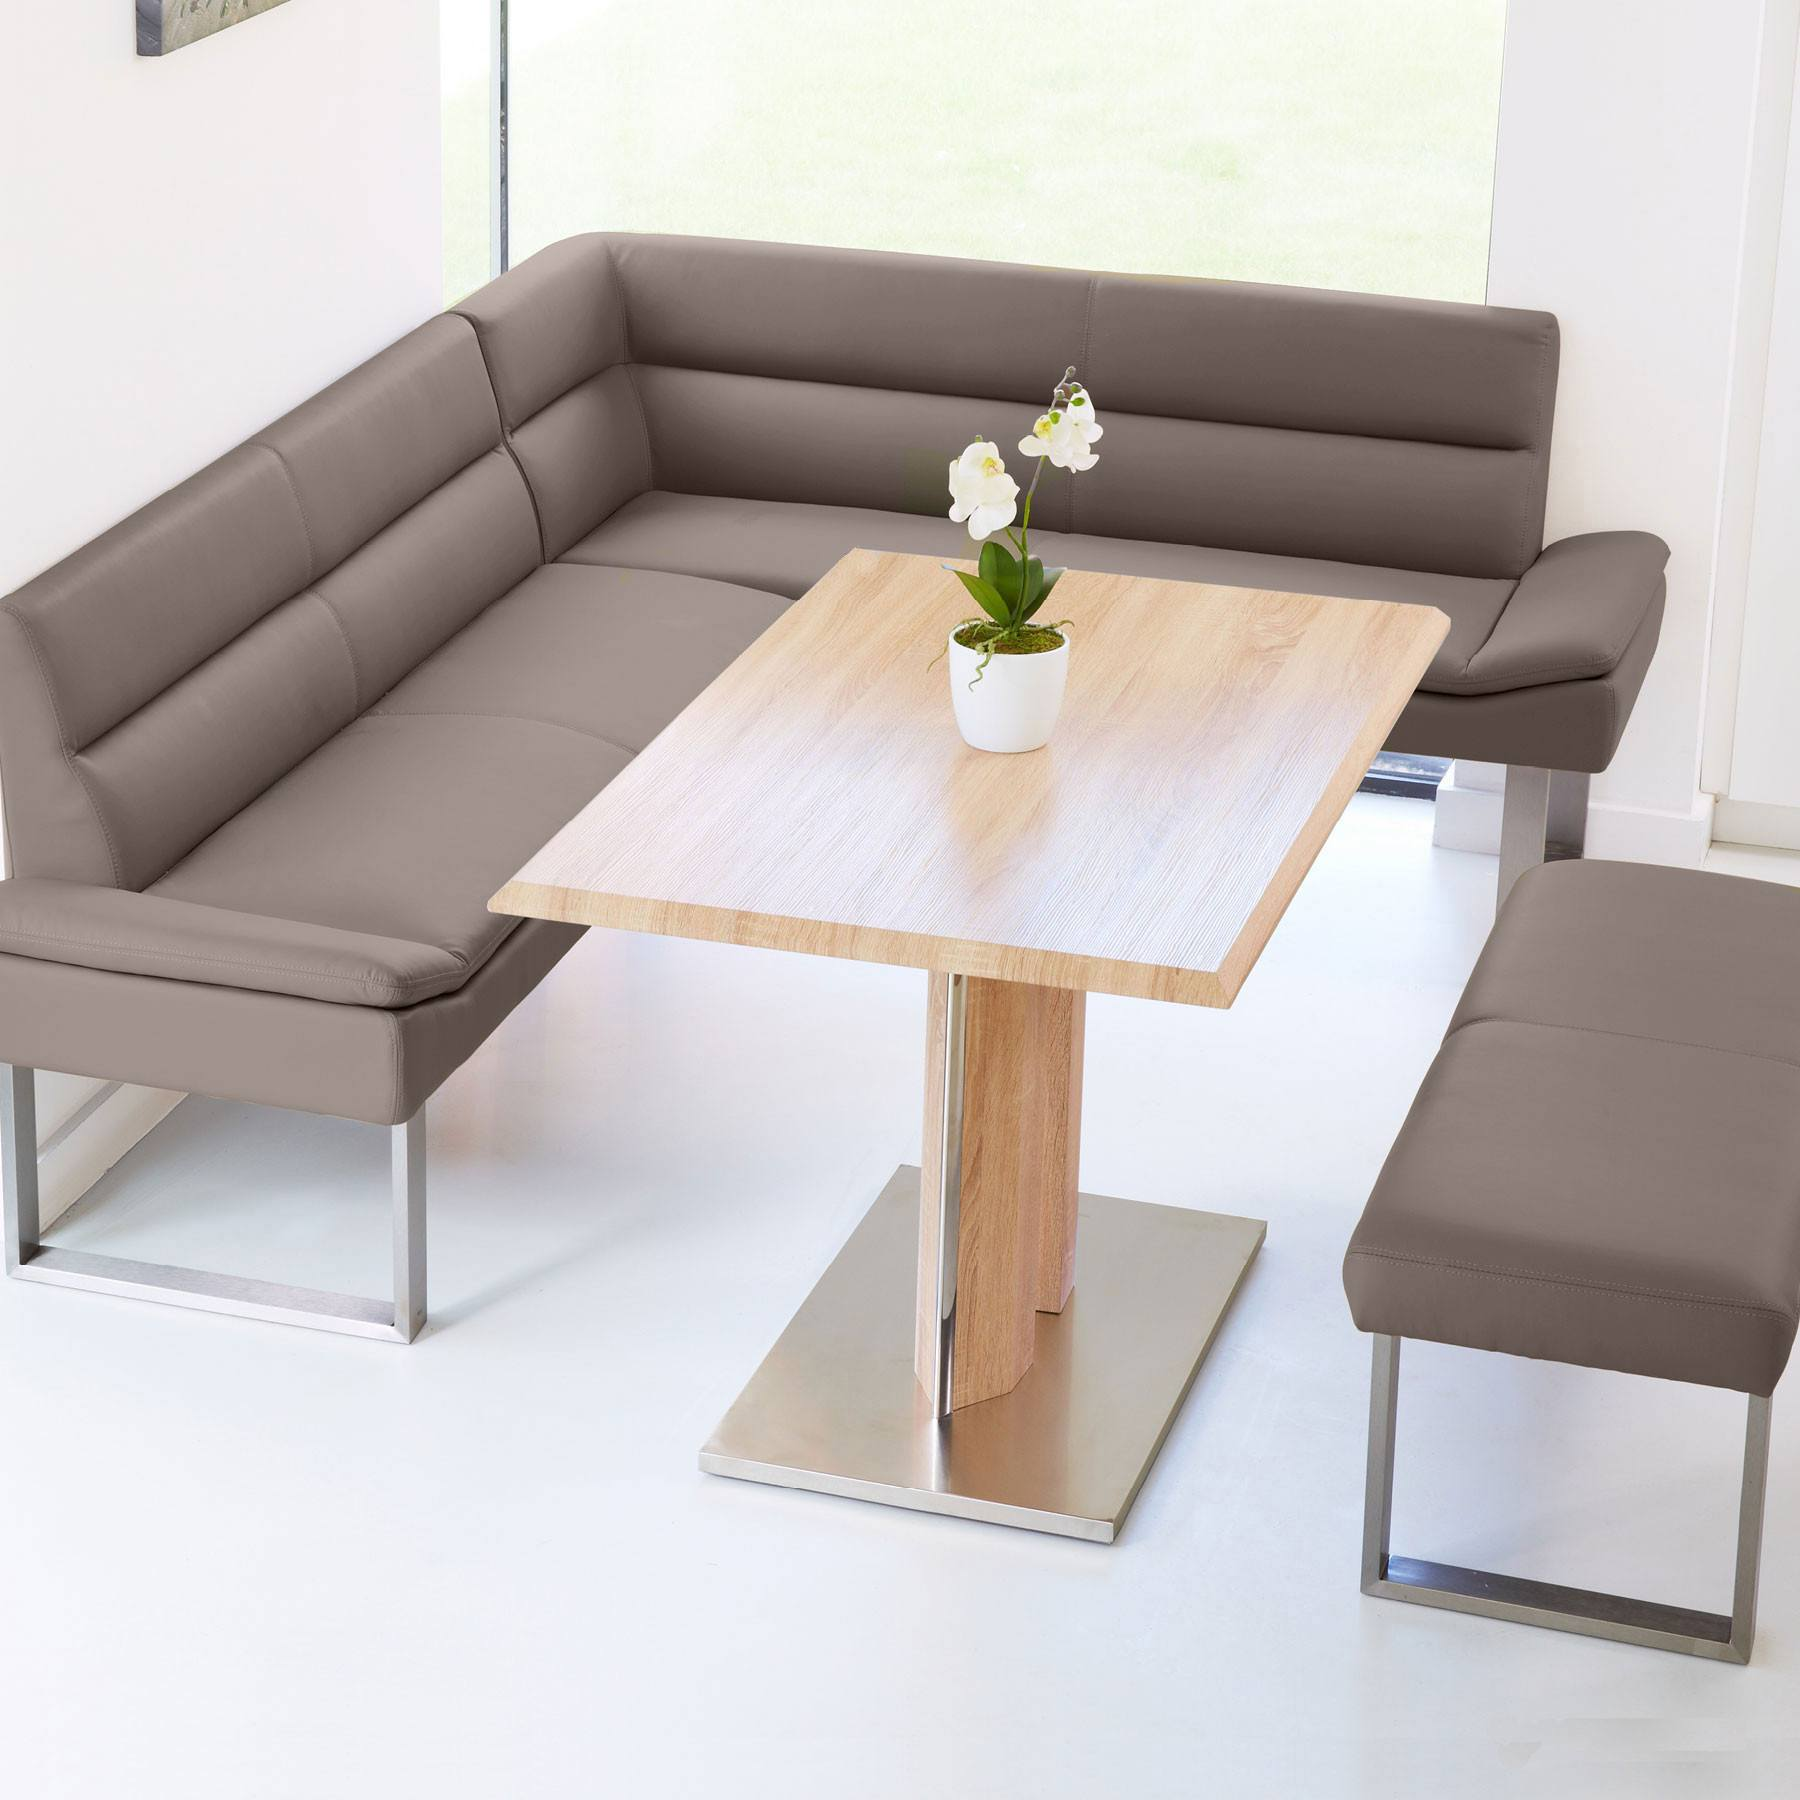 Corner Bench Dining Set · Zoom · click · click · click